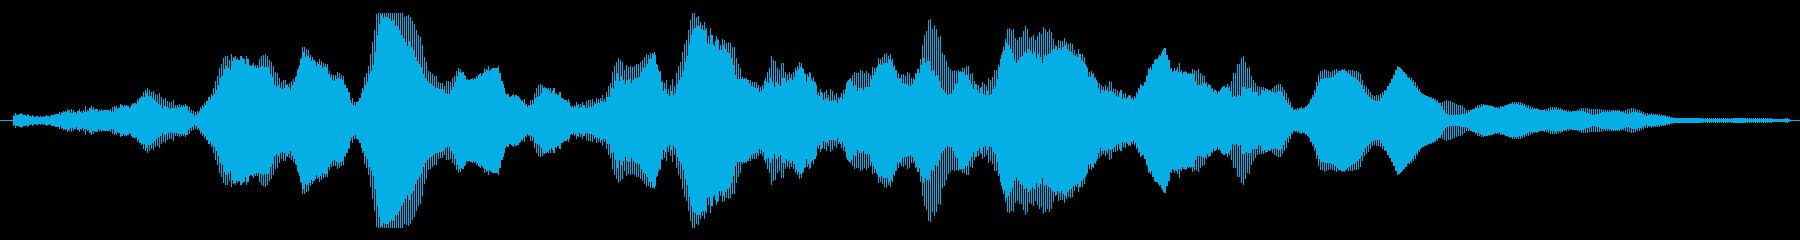 素材 大気フィードバックパッド低01の再生済みの波形